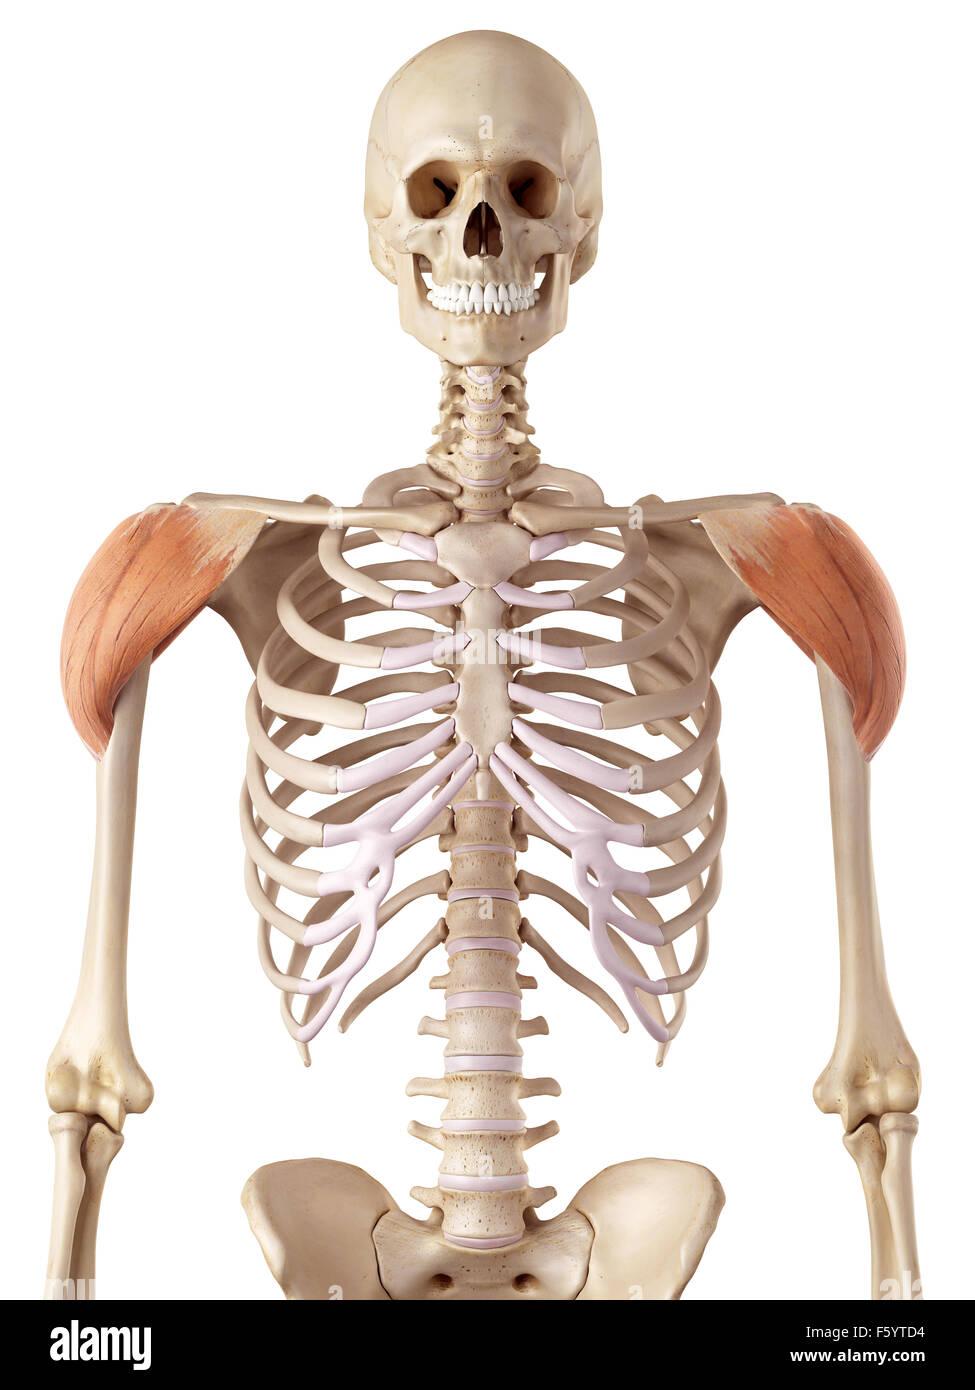 Nett Wo Die Deltoidmuskel Befindet Galerie - Anatomie Ideen ...